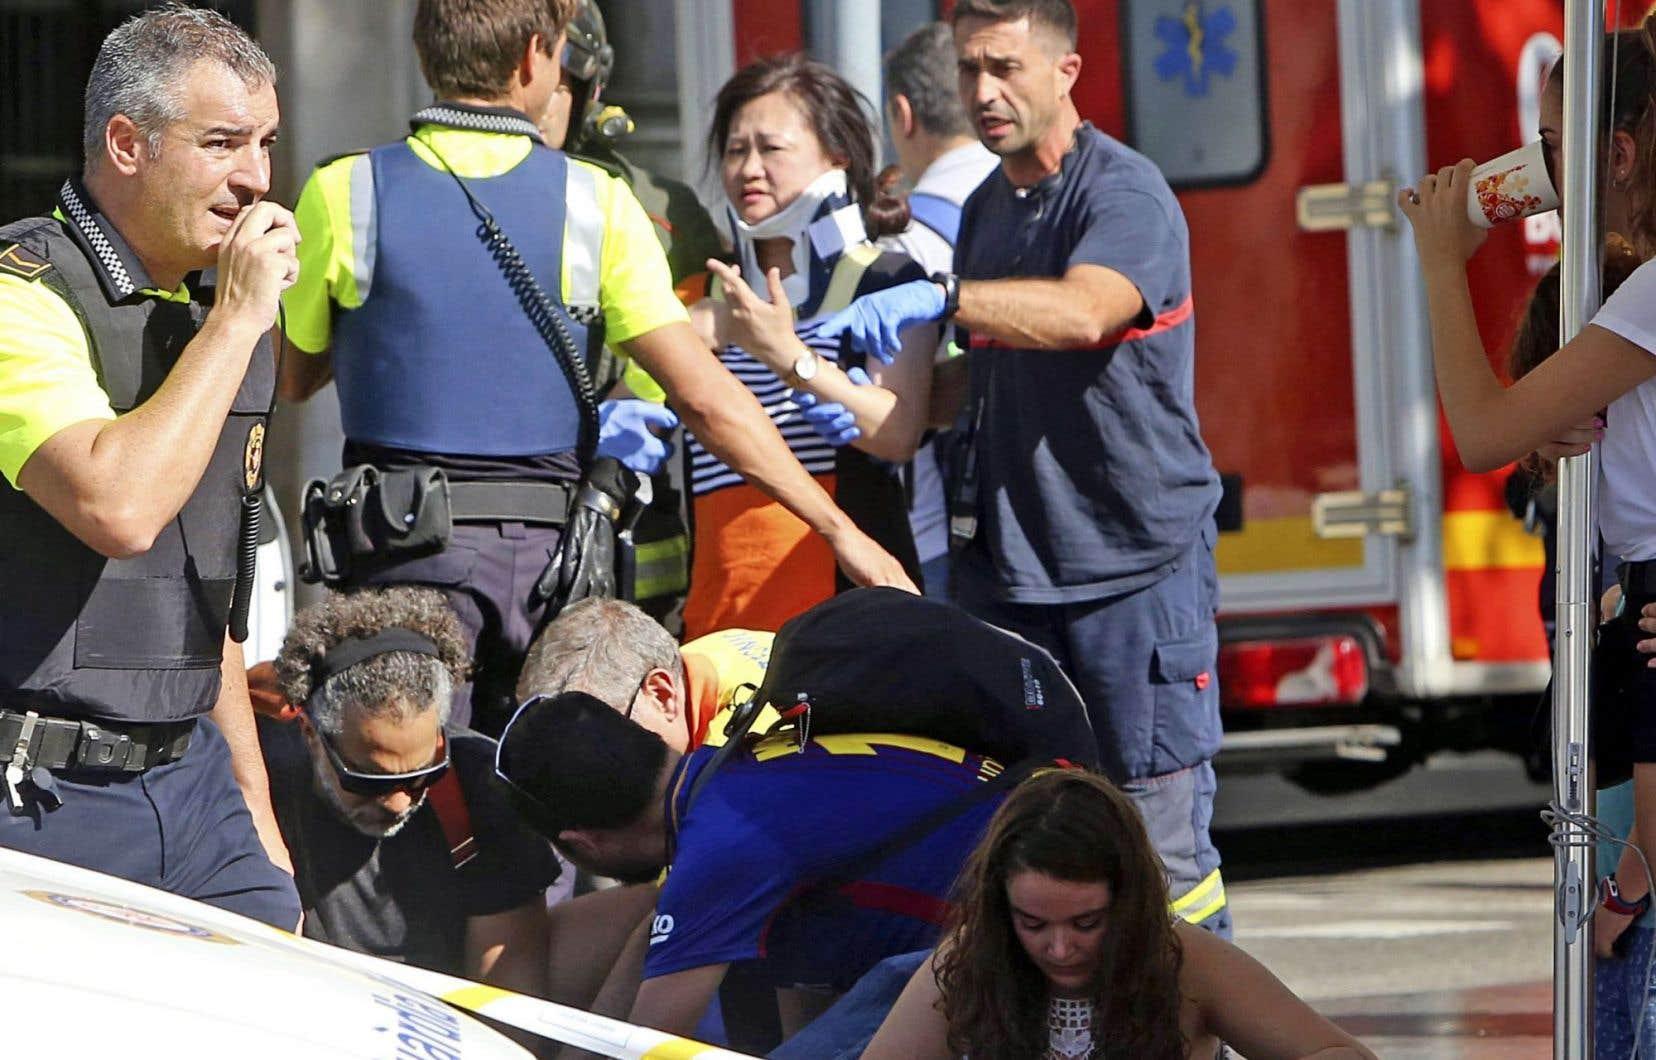 Policiers, ambulanciers et simples passants se sont empressés de porter secours aux victimes après l'attaque au véhicule-bélier.